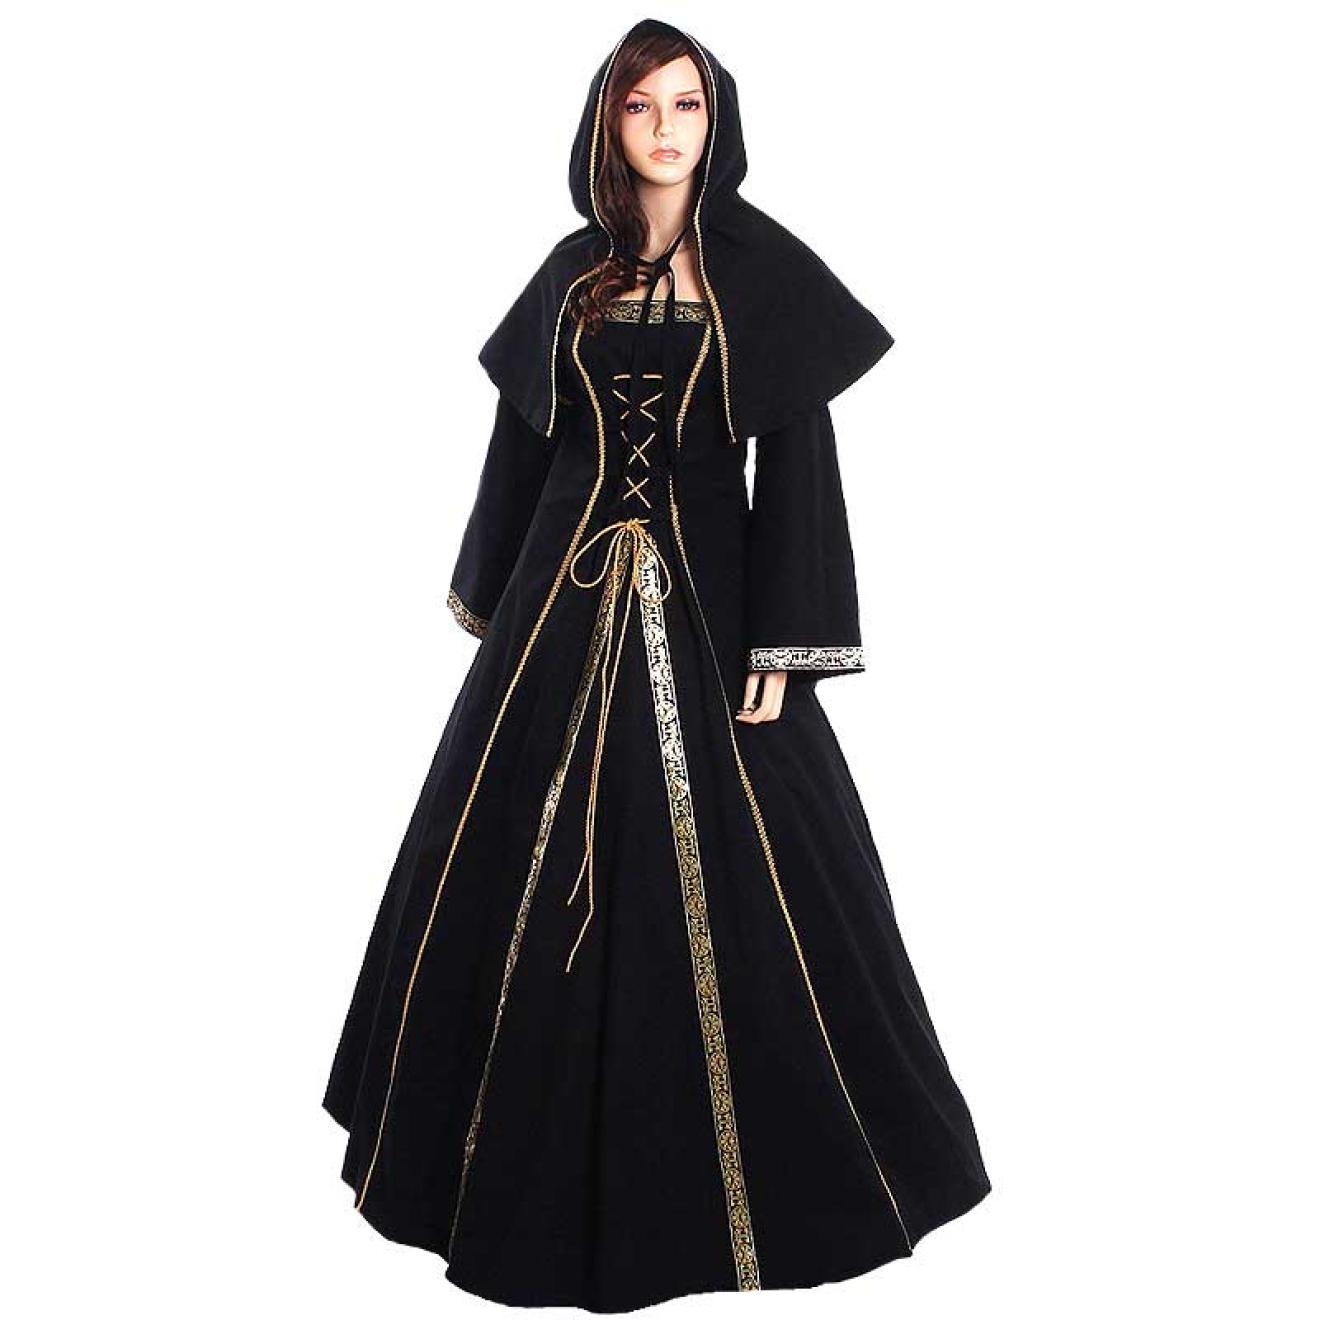 mittelalter kleidung gothickleid ma anfertigung auch. Black Bedroom Furniture Sets. Home Design Ideas